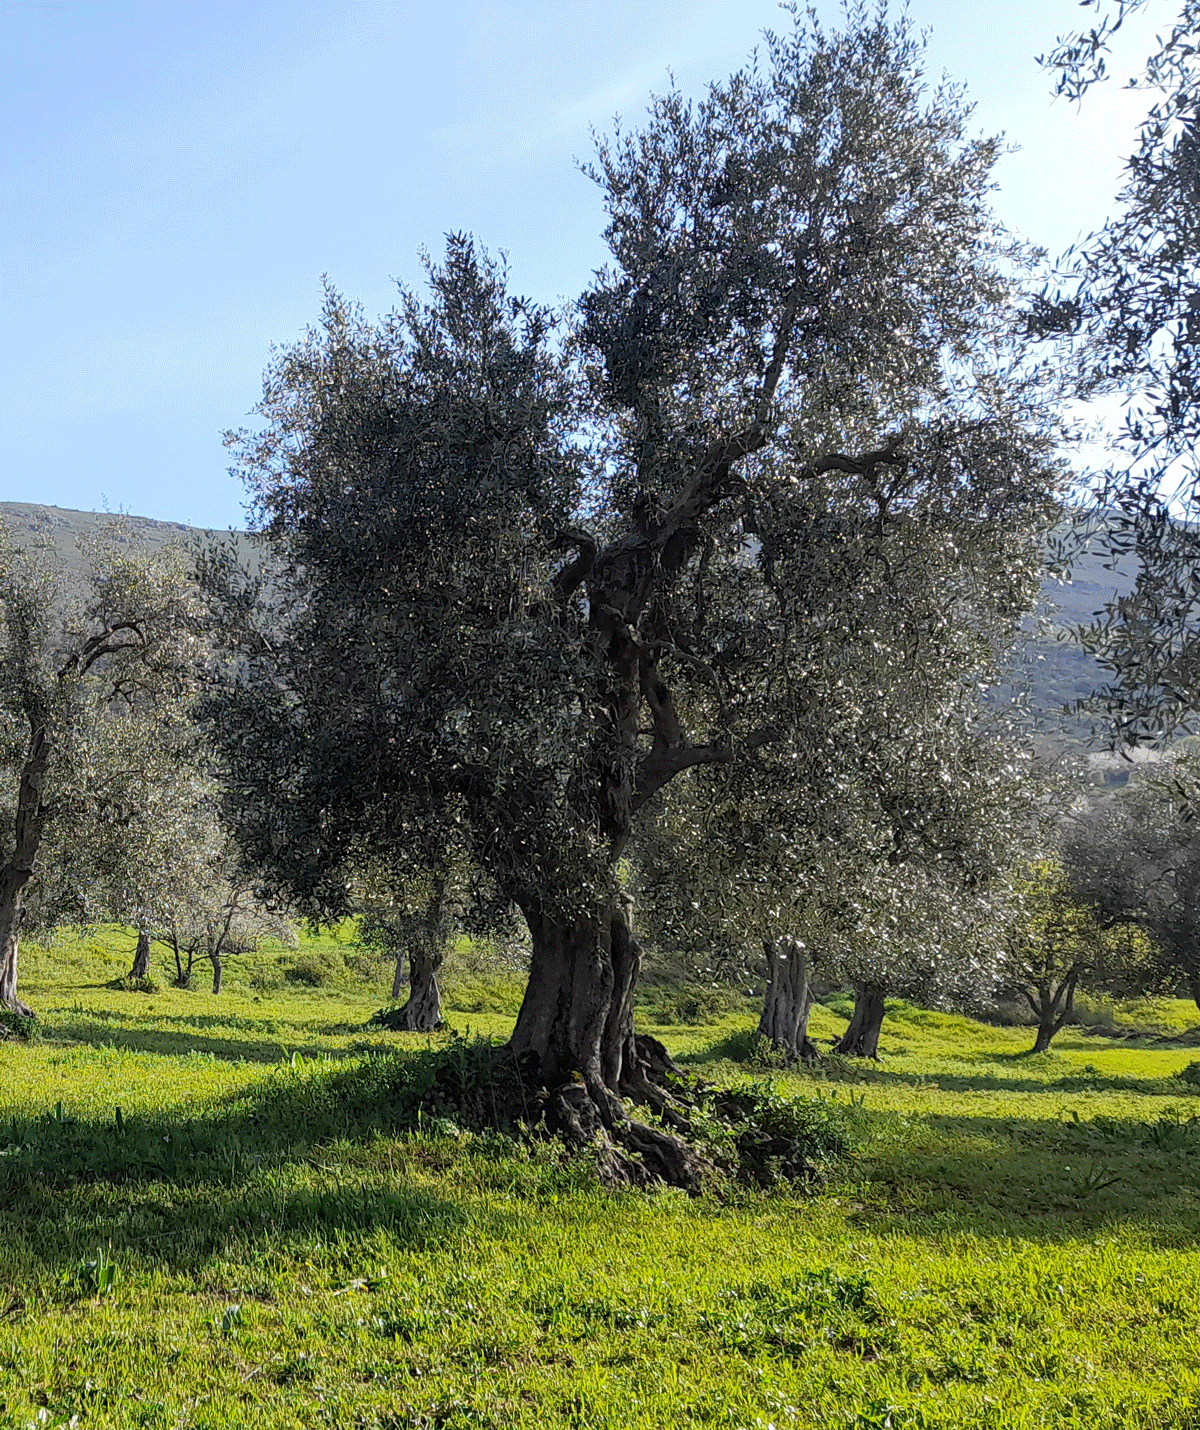 Olio Sarra